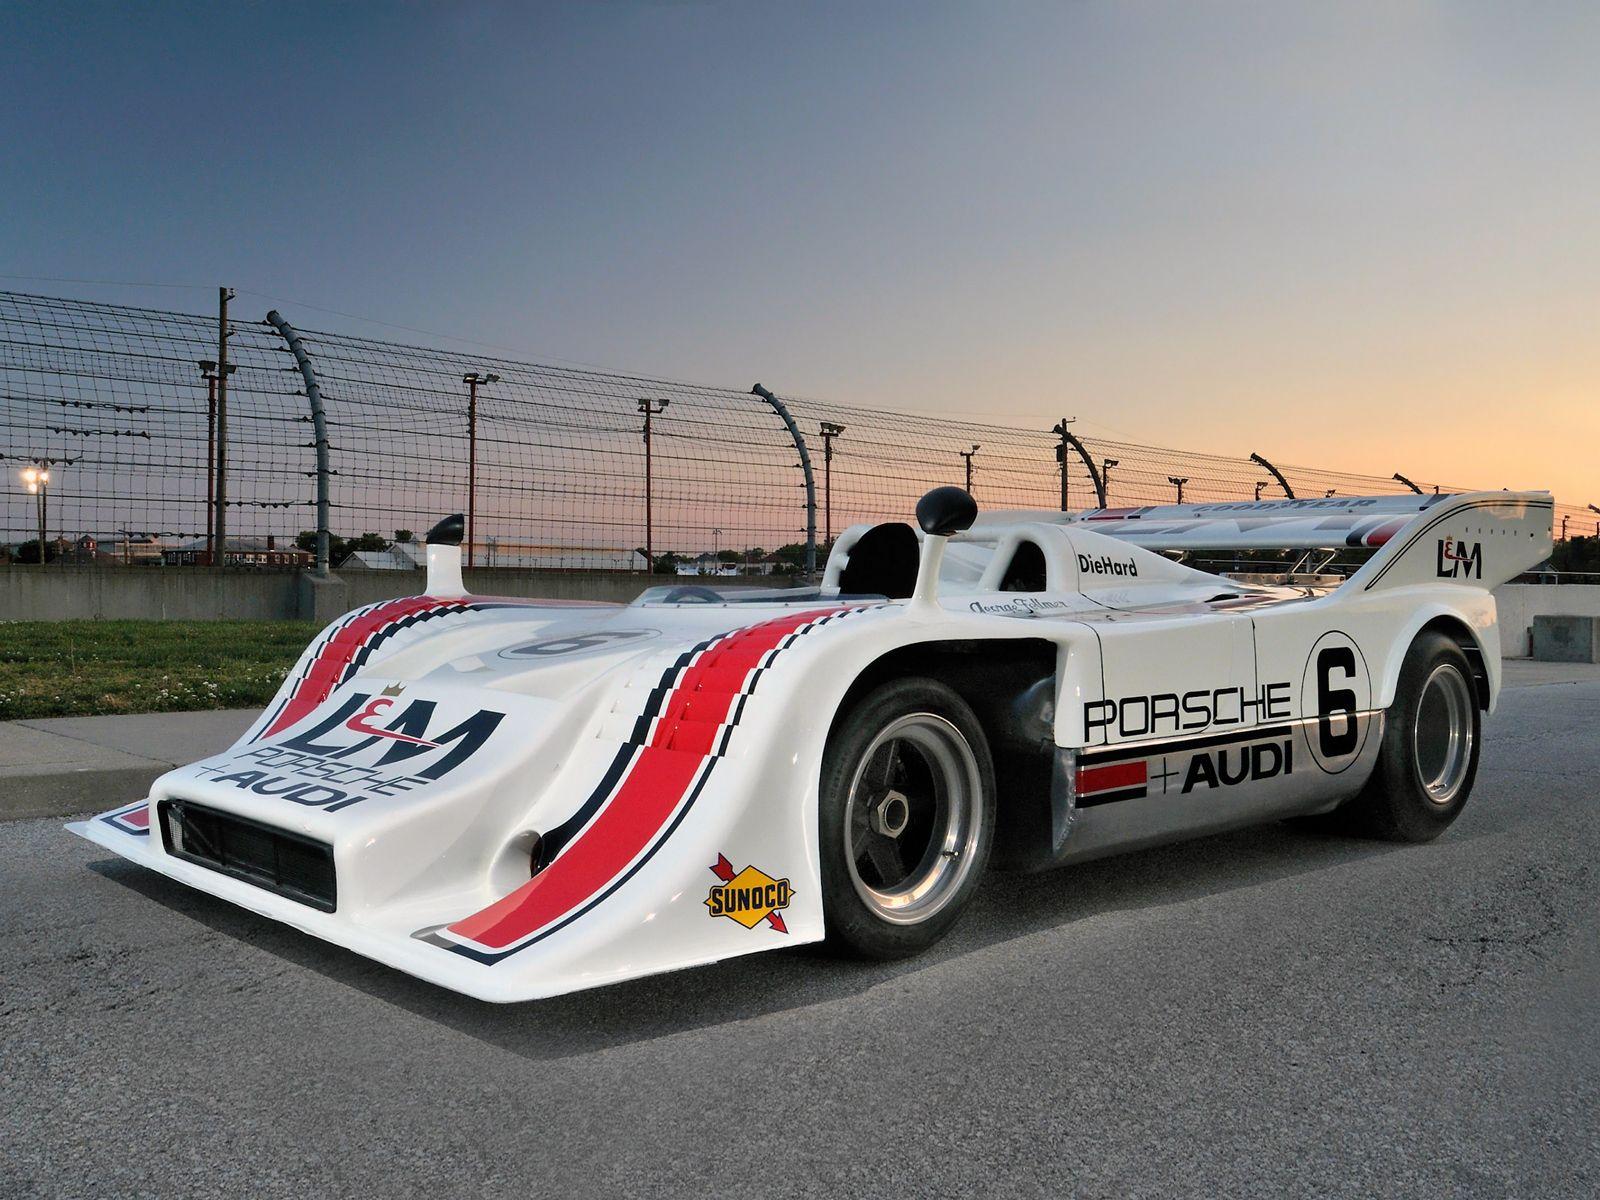 Porsche 917 10 Can Am Spyder4 Race Cars cz 3 Pinterest